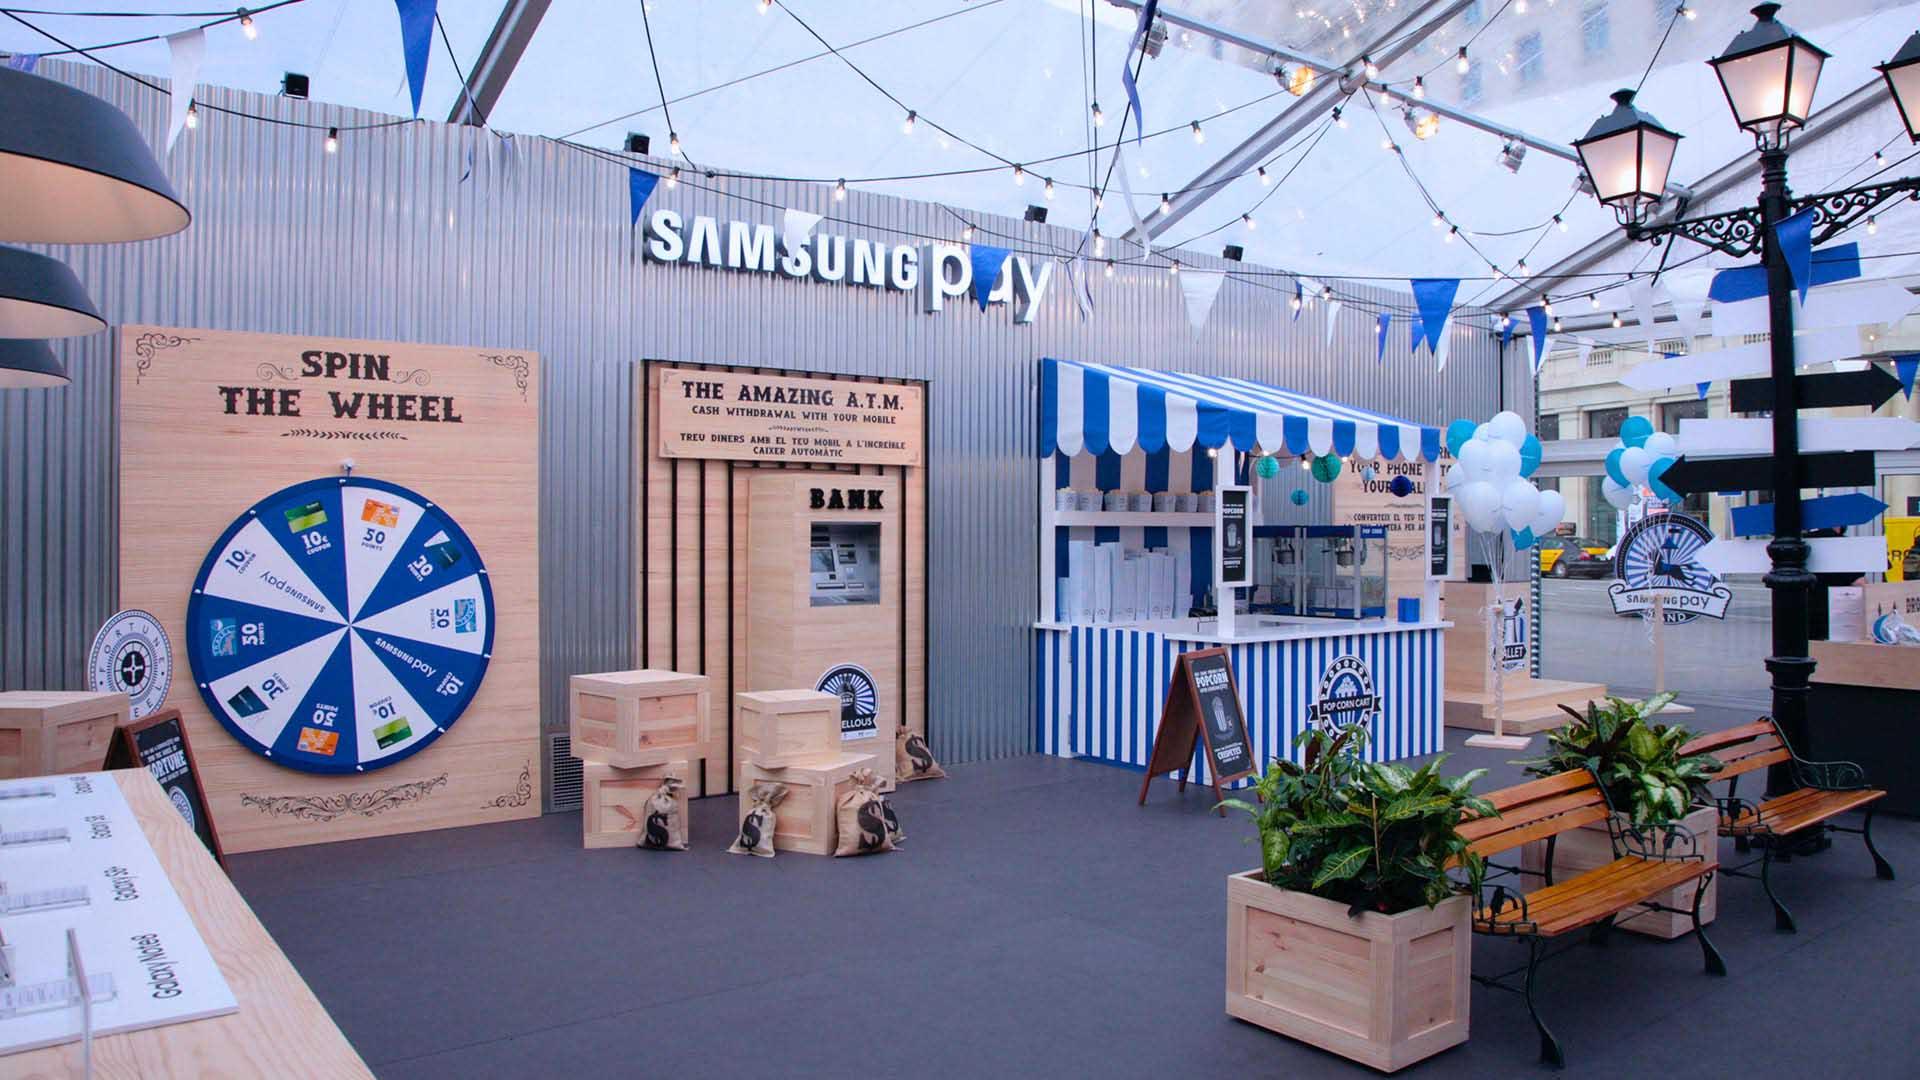 Samsung Pay pop up. Interior design event